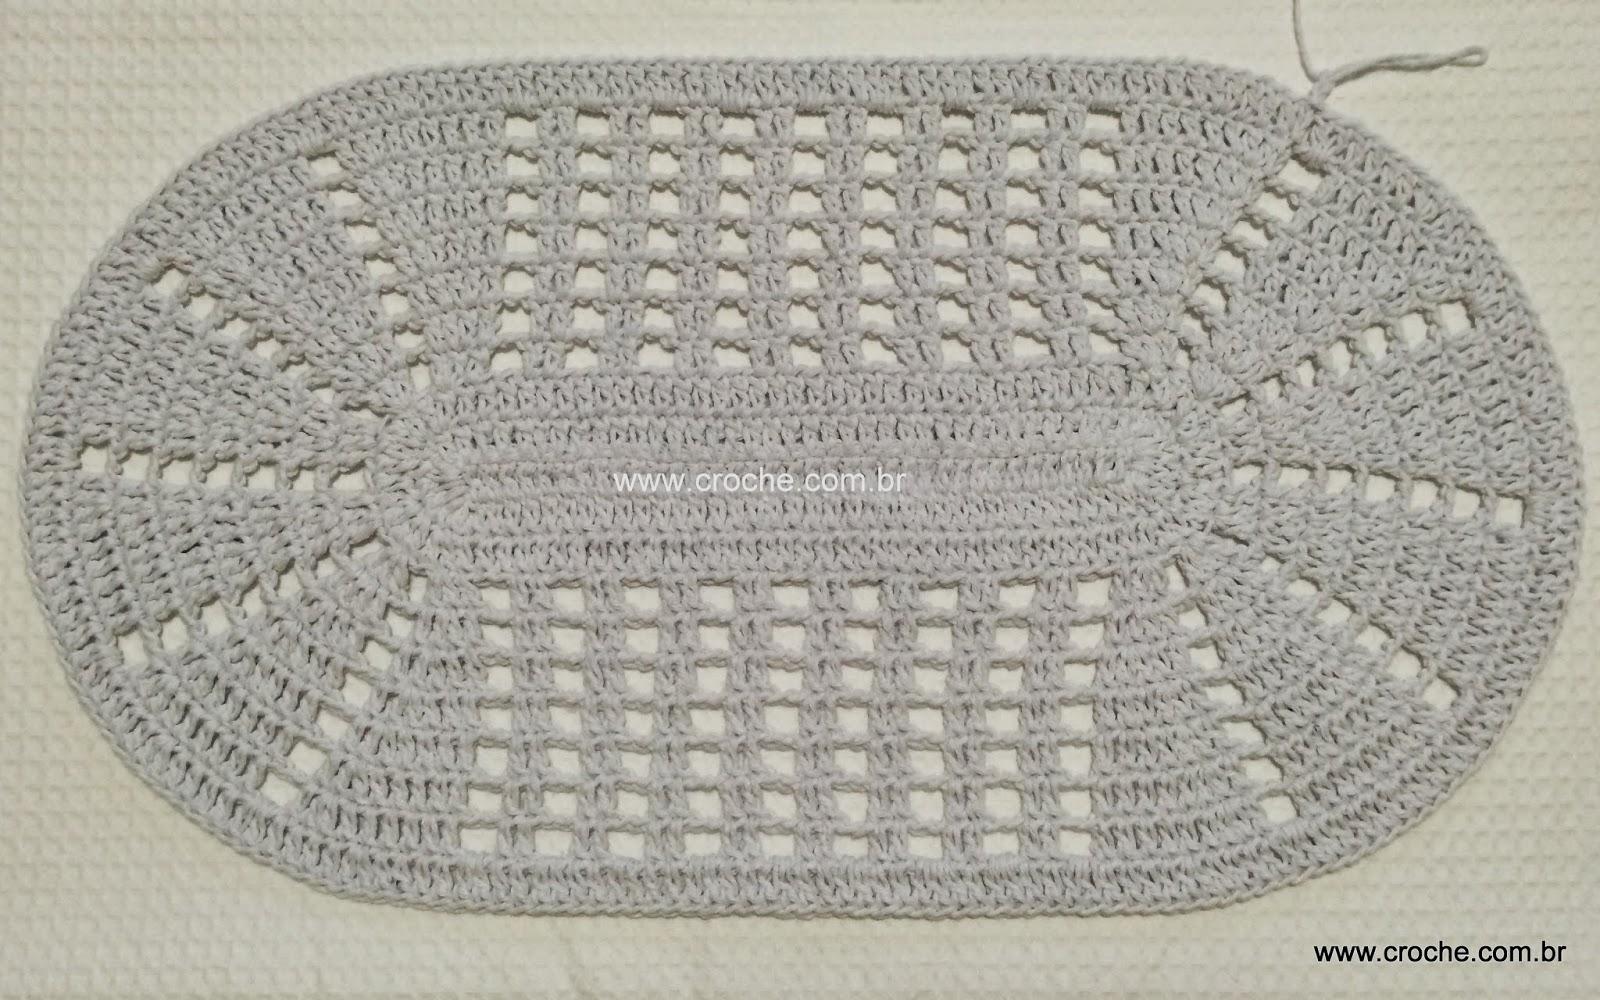 Tapete oval em crochê com aplicação de flores – Passo a